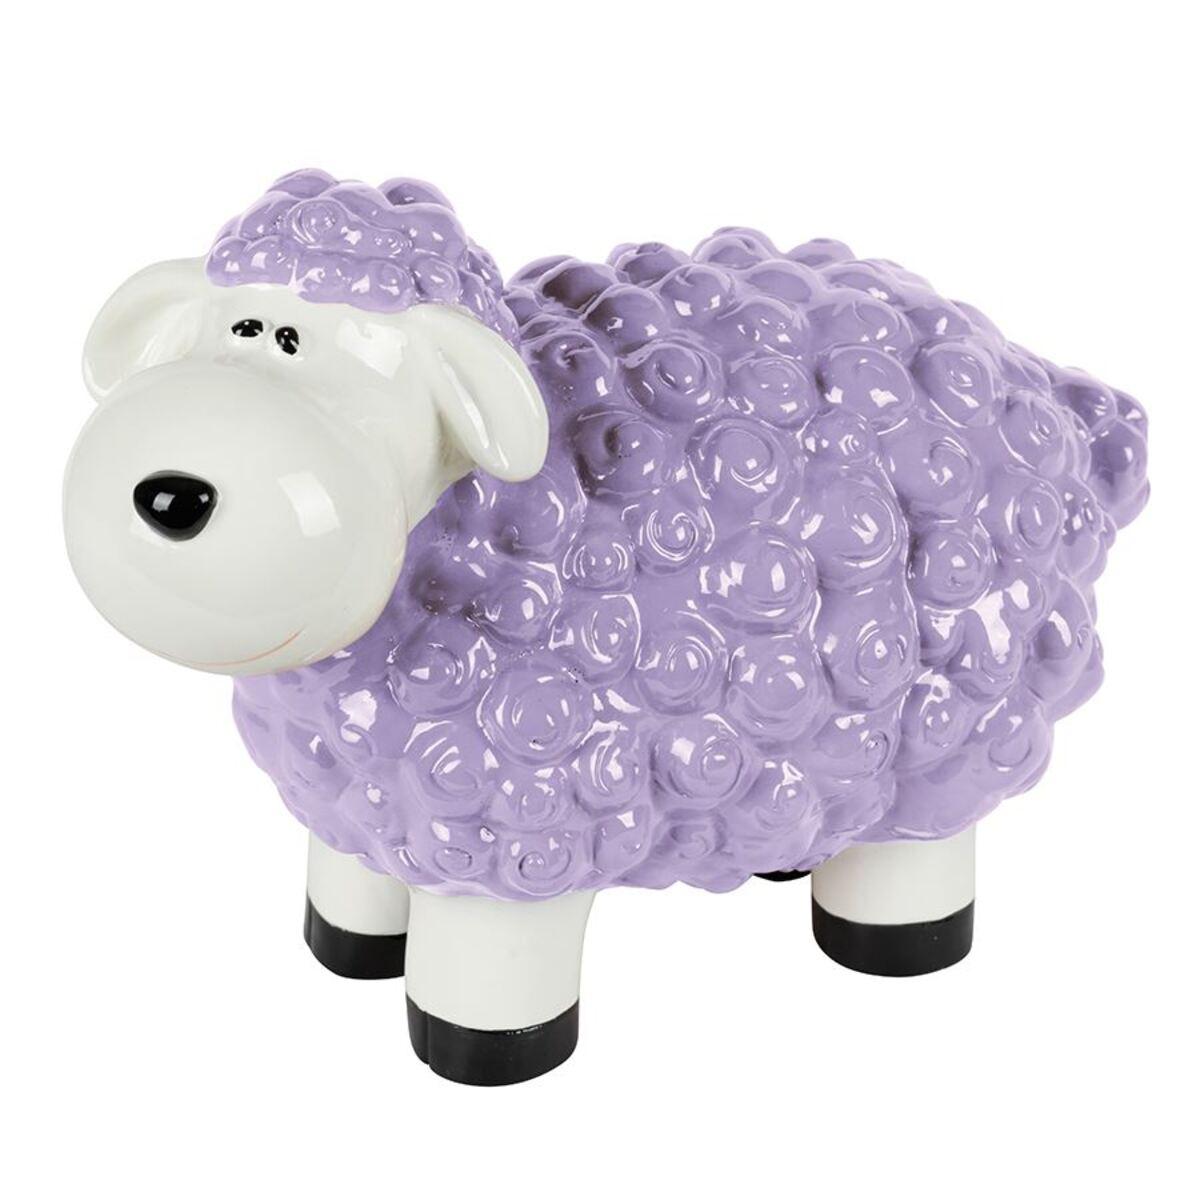 Bild 2 von Gartenfigur Mini-Schaf Pastellflieder